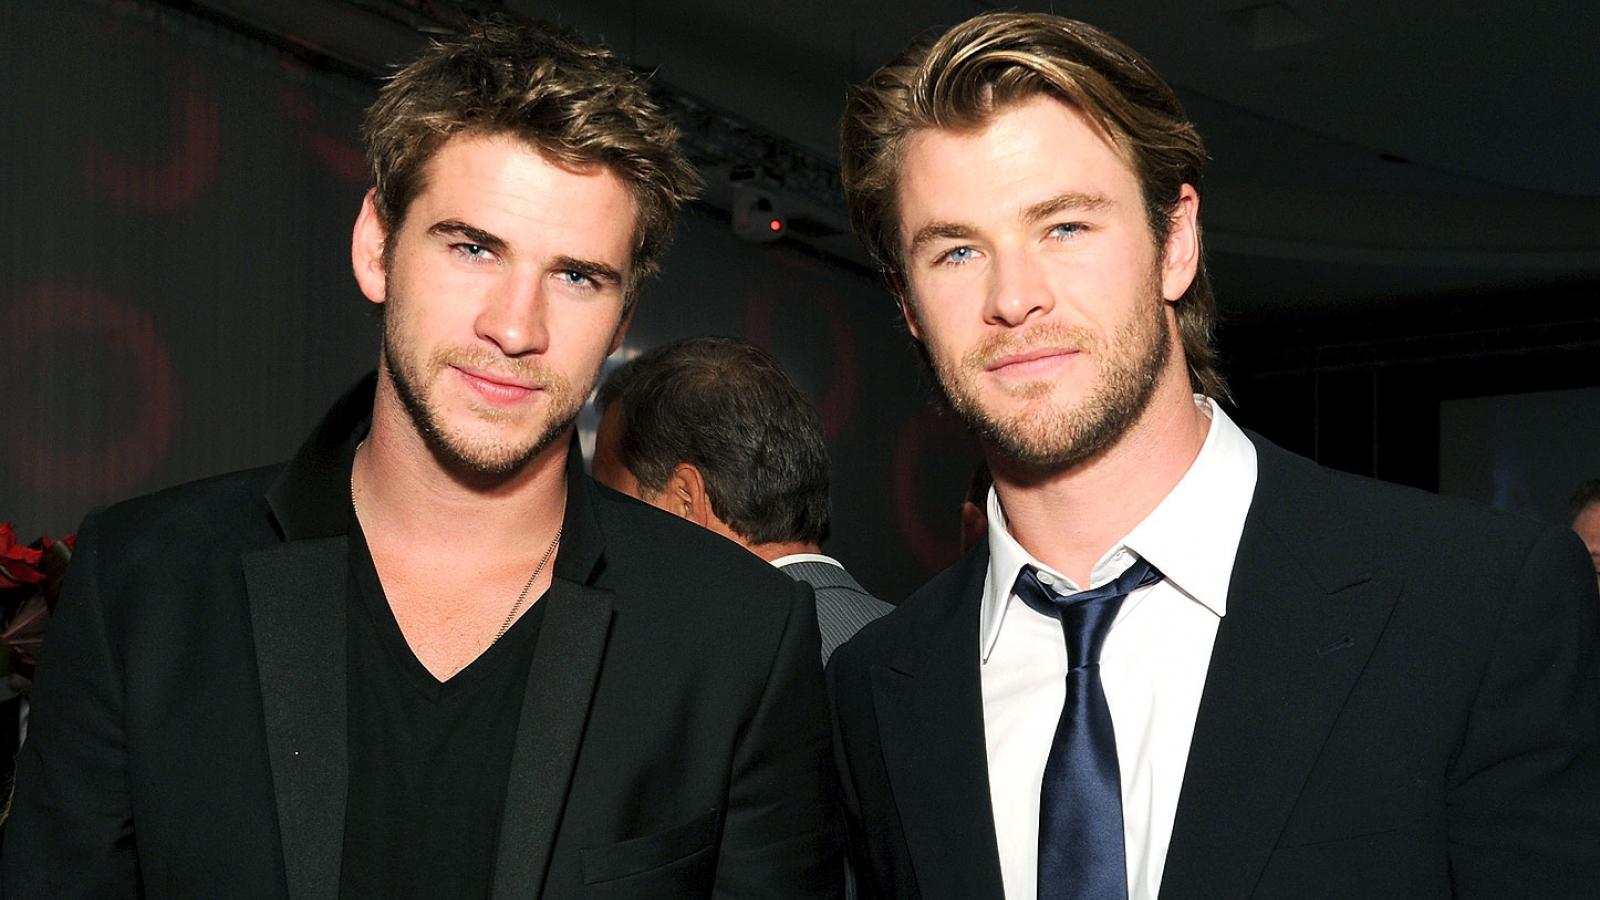 Điểm danh các cặp anh chị em tài năng của Hollywood